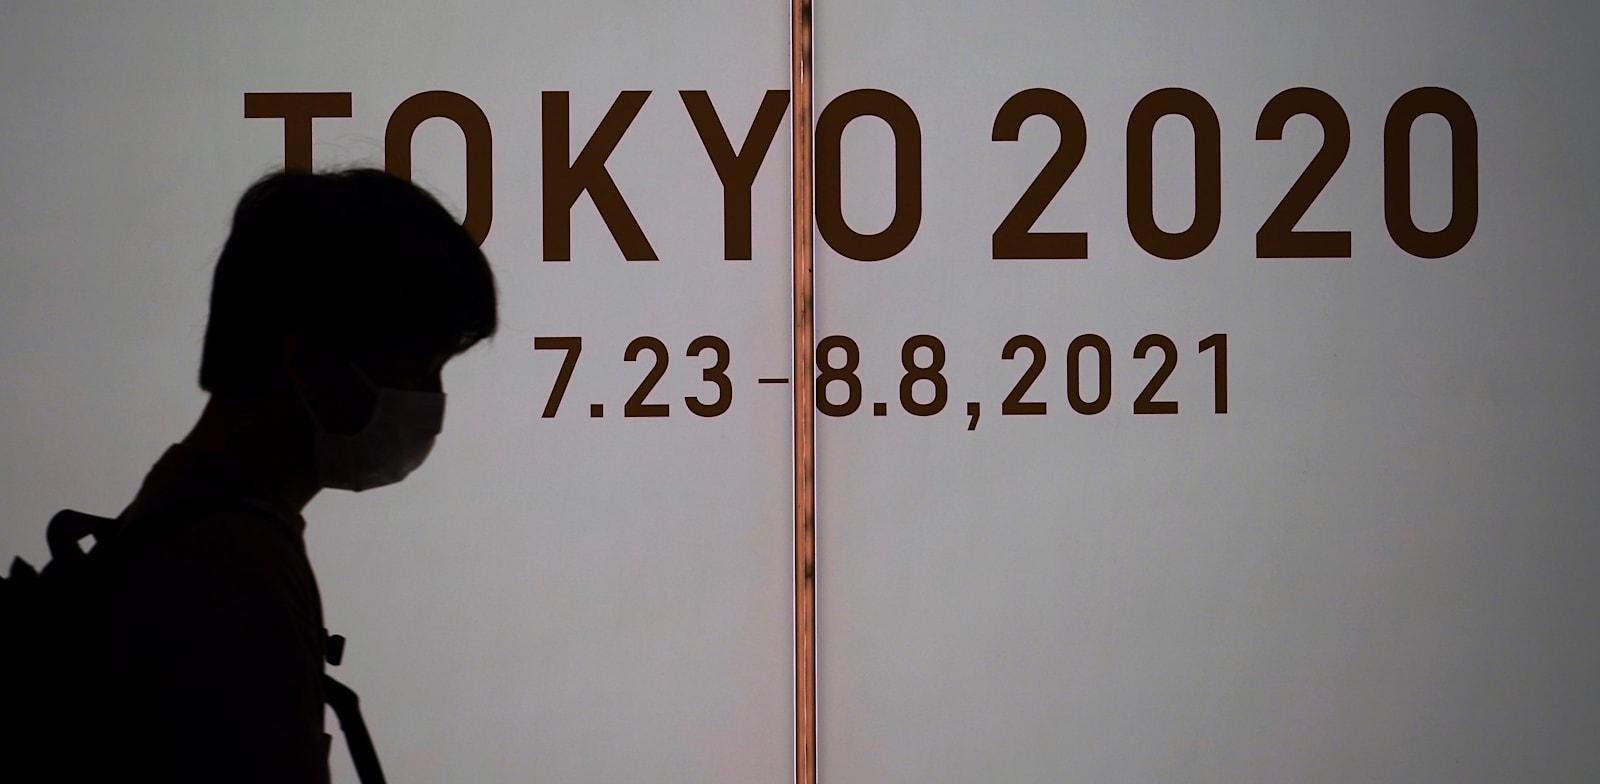 אלפי רופאים ואזרחים יפנים מתחננים לביטול המשחקים האולימפיים / צילום: Associated Press, Eugene Hoshiko